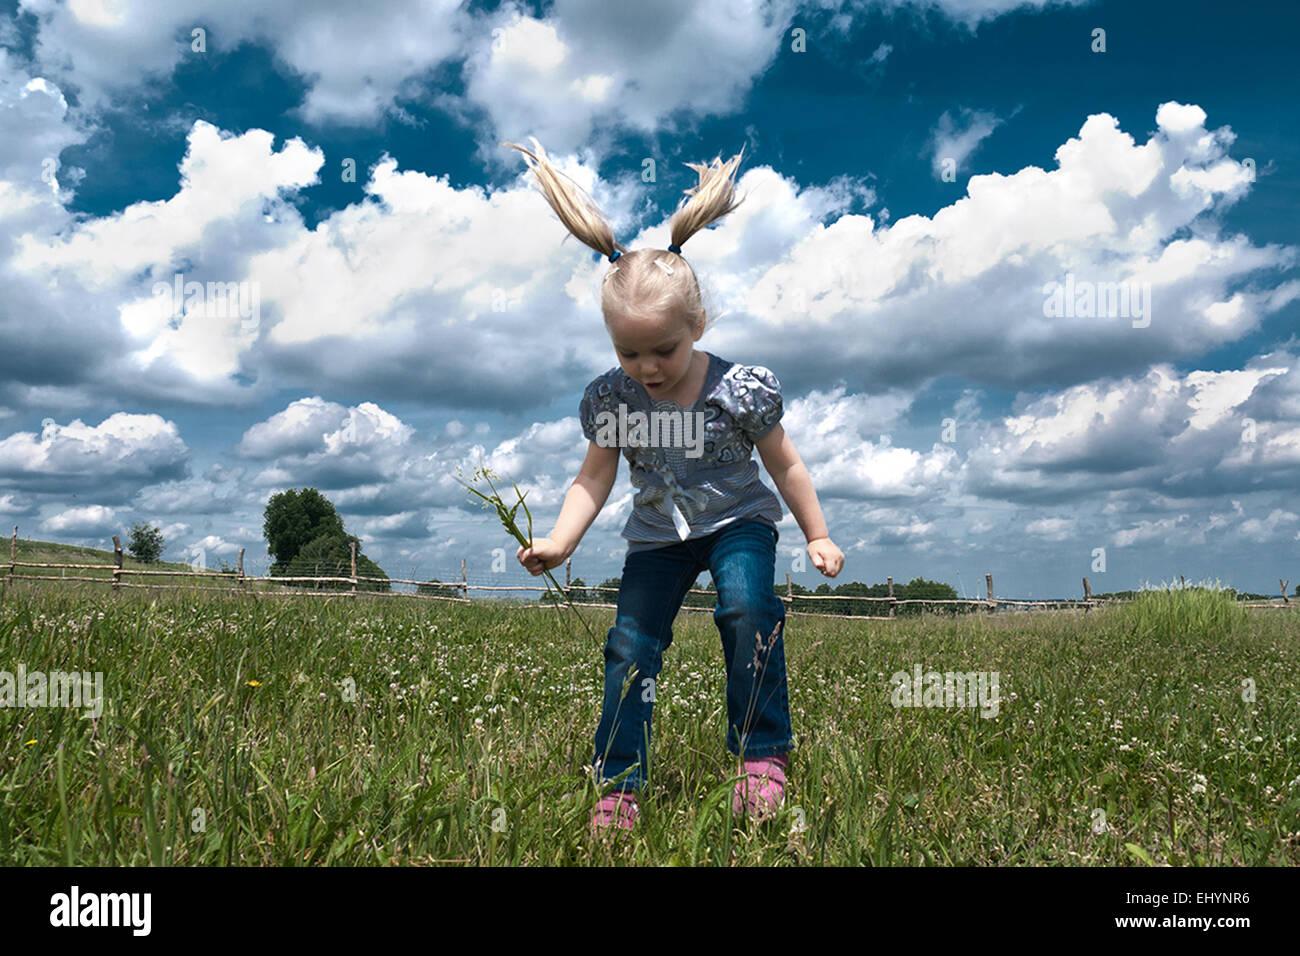 Mädchen in die Luft springen Stockbild